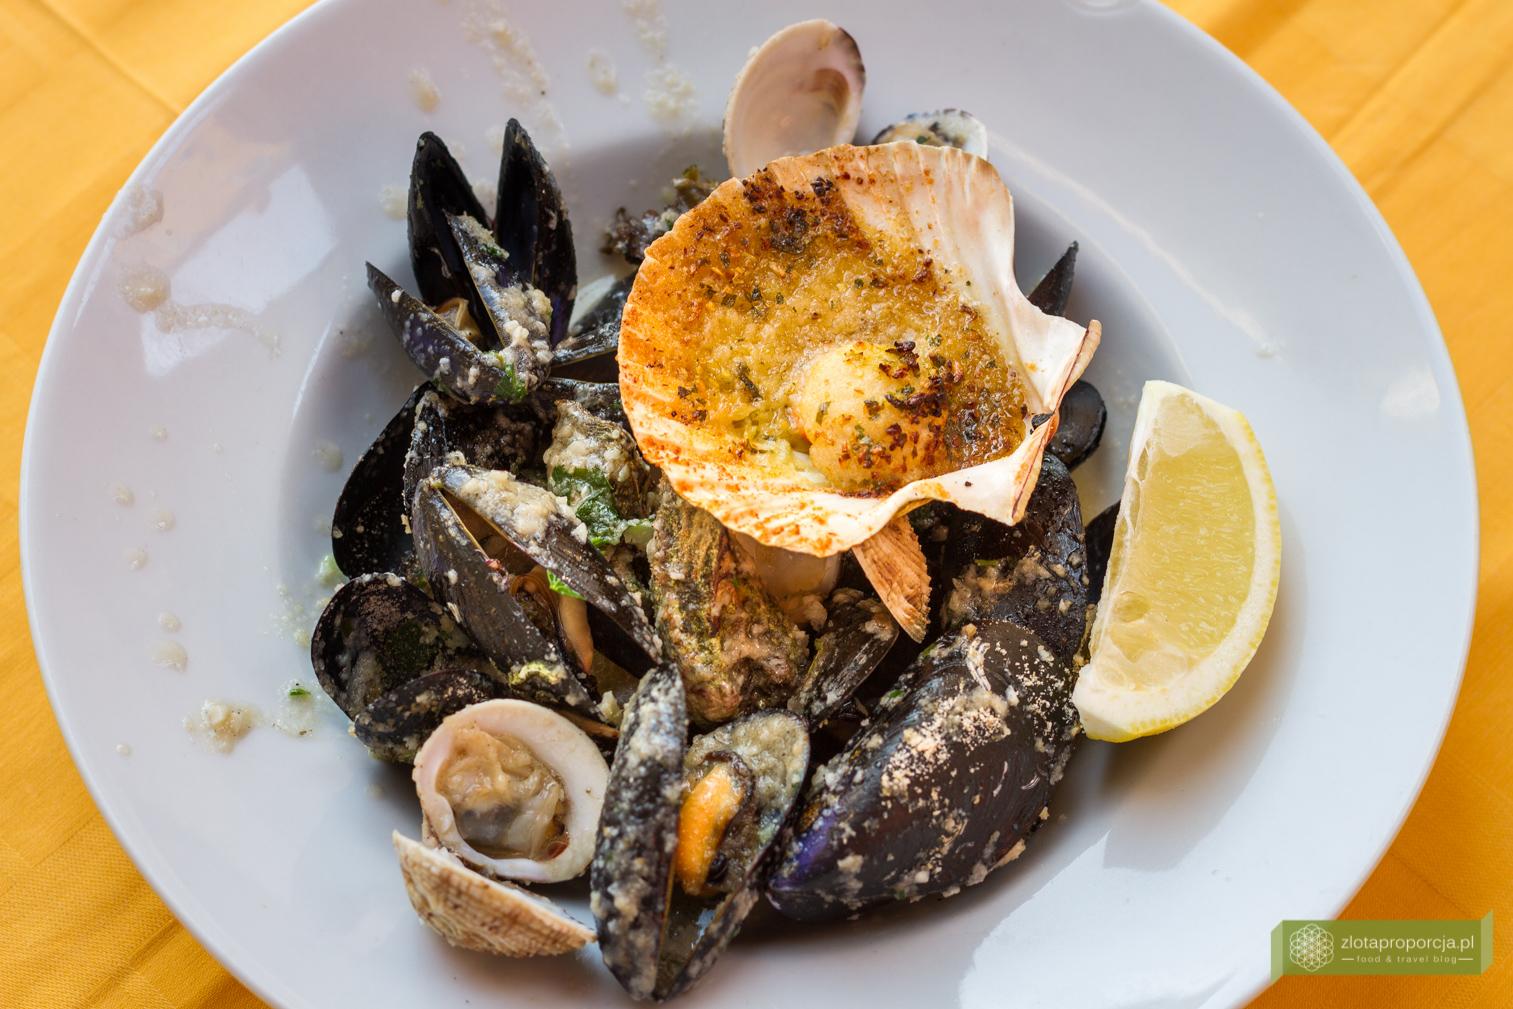 kuchnia chorwacka, kuchnia Istrii, Istria, co zjeść na Istrii, owoce  morza